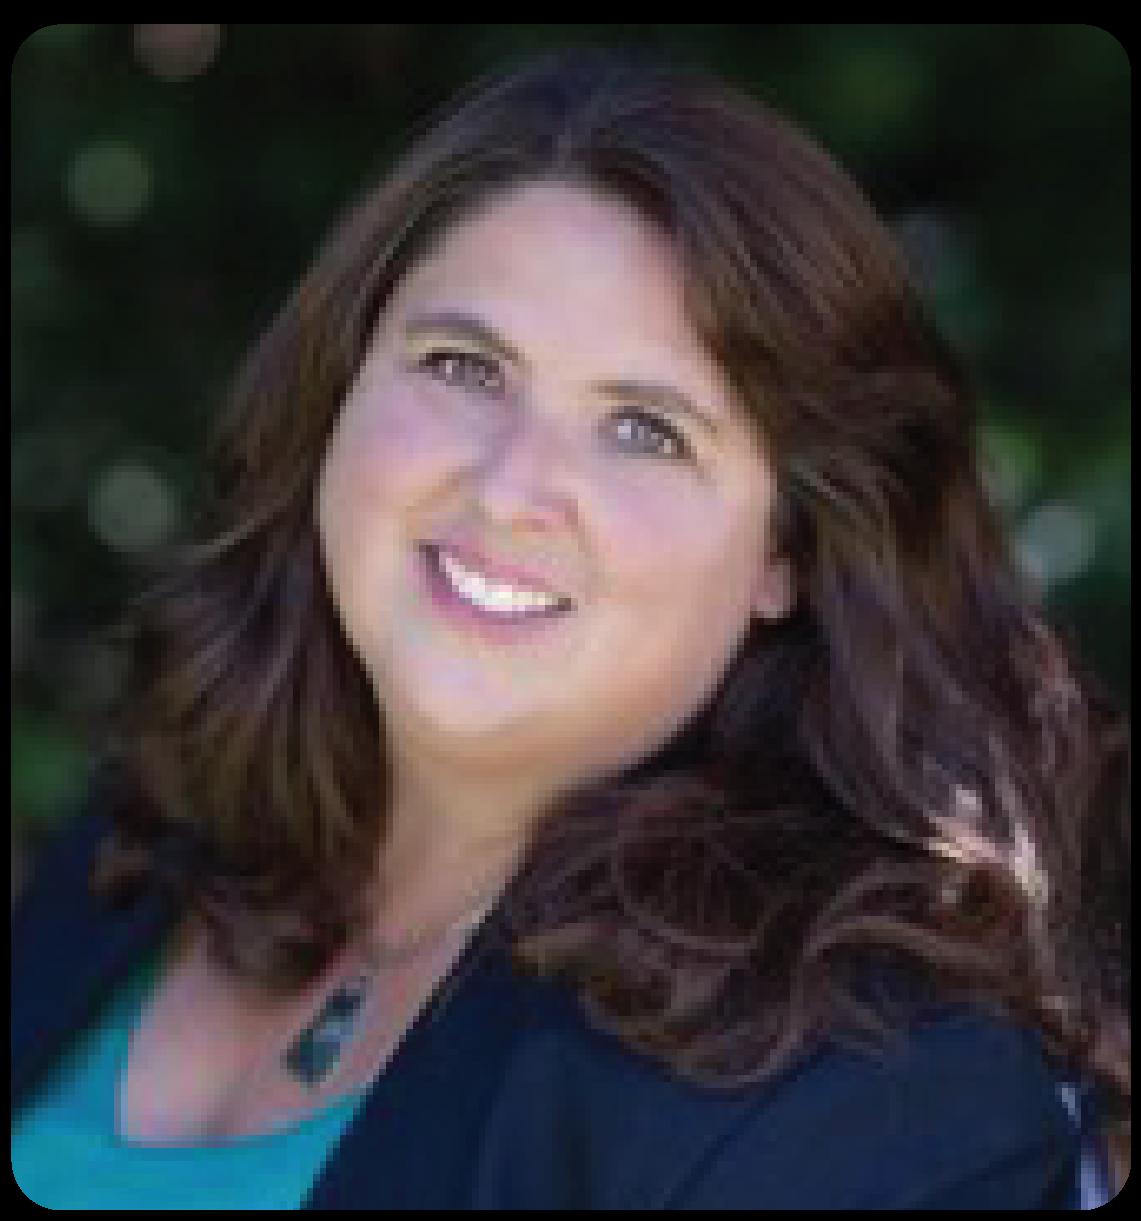 Atascadero City Manager, Rachelle Rickard